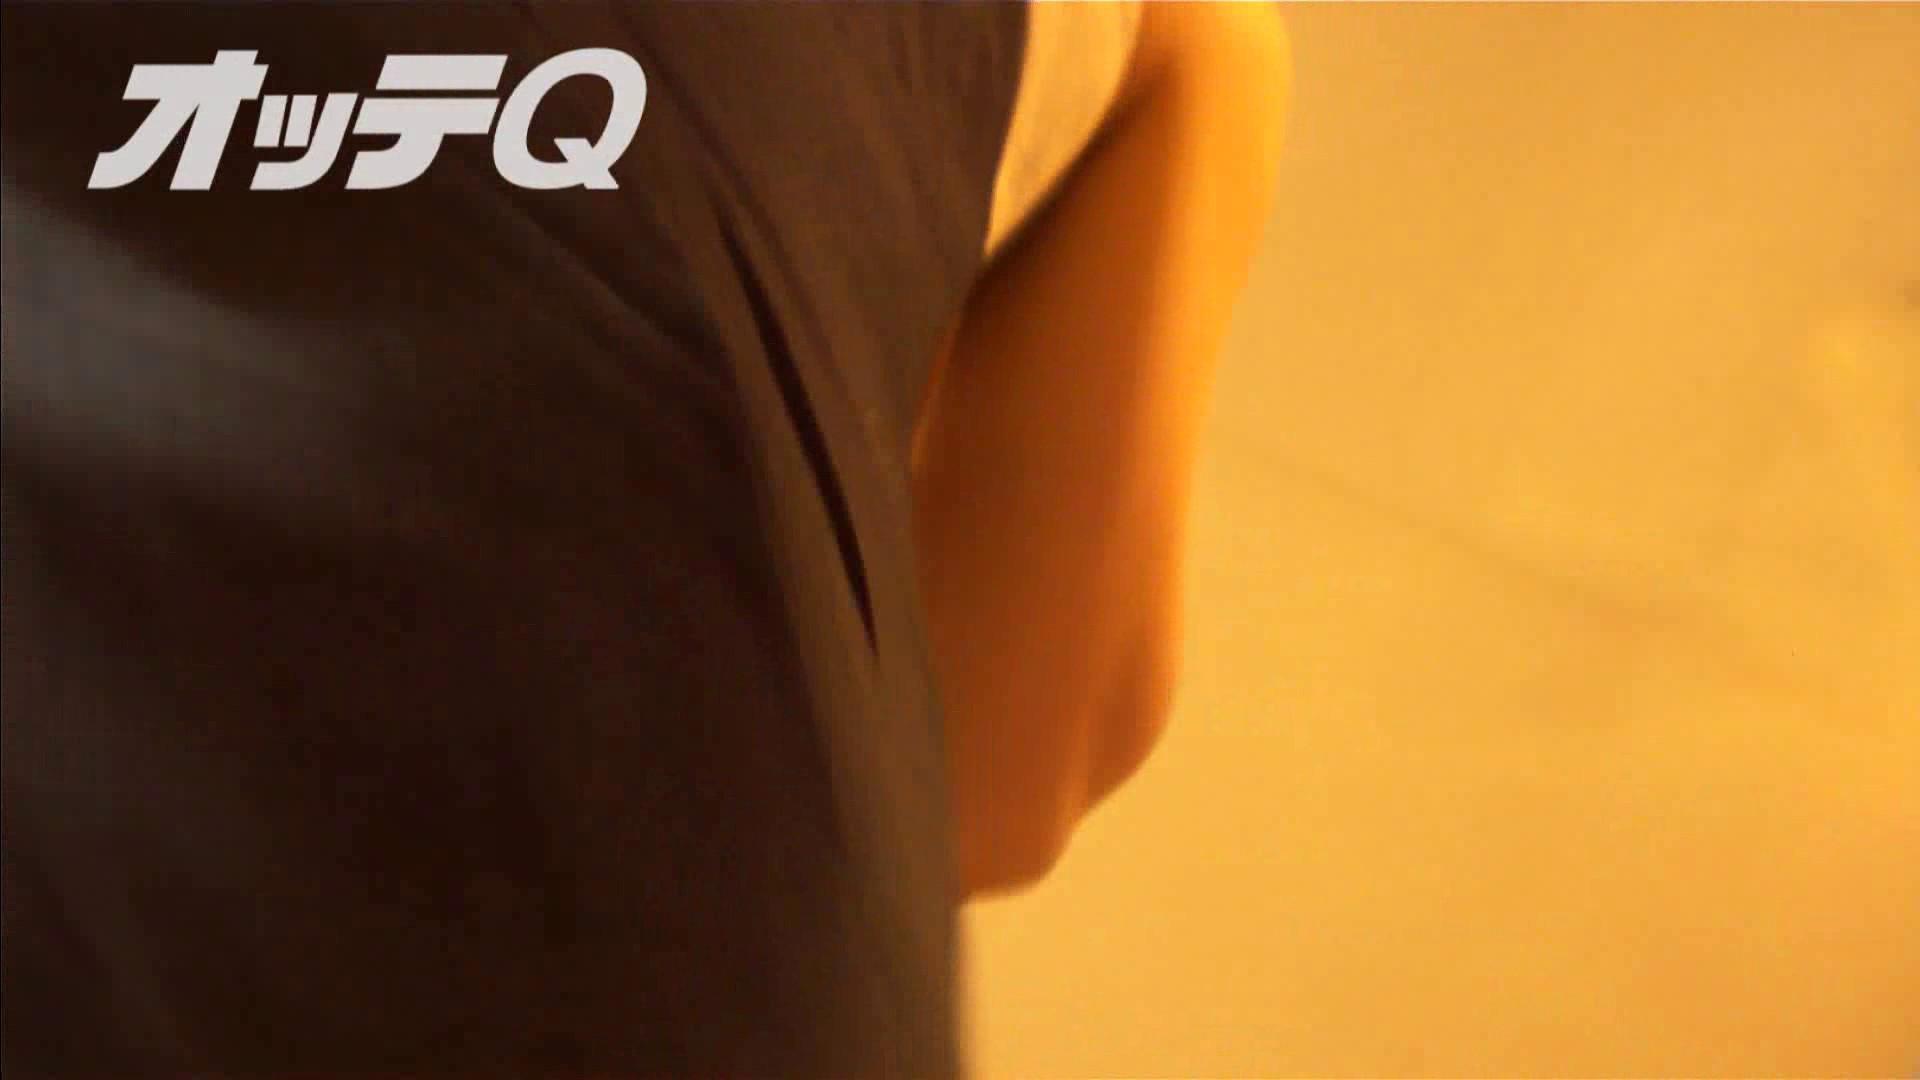 ハイビジョンパンチラ オッテQさんの追跡パンチラデパート編VOL.04 チラ系 オマンコ無修正動画無料 105pic 76